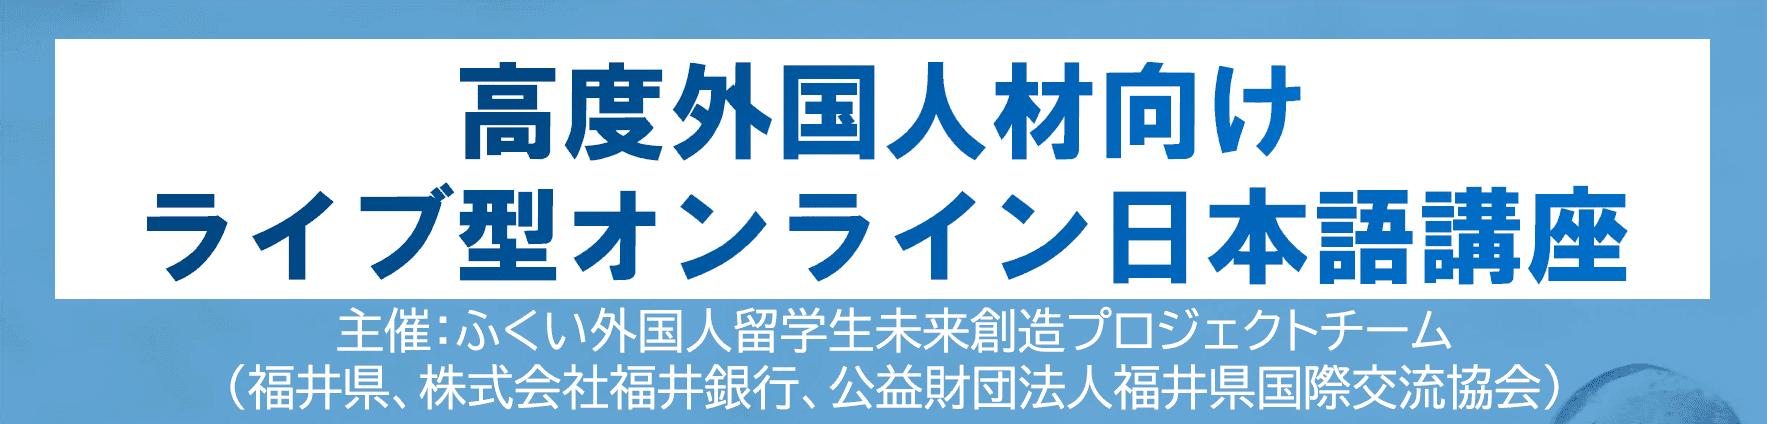 福井県の高度外国人材向けライブ型オンライン日本語講座の紹介